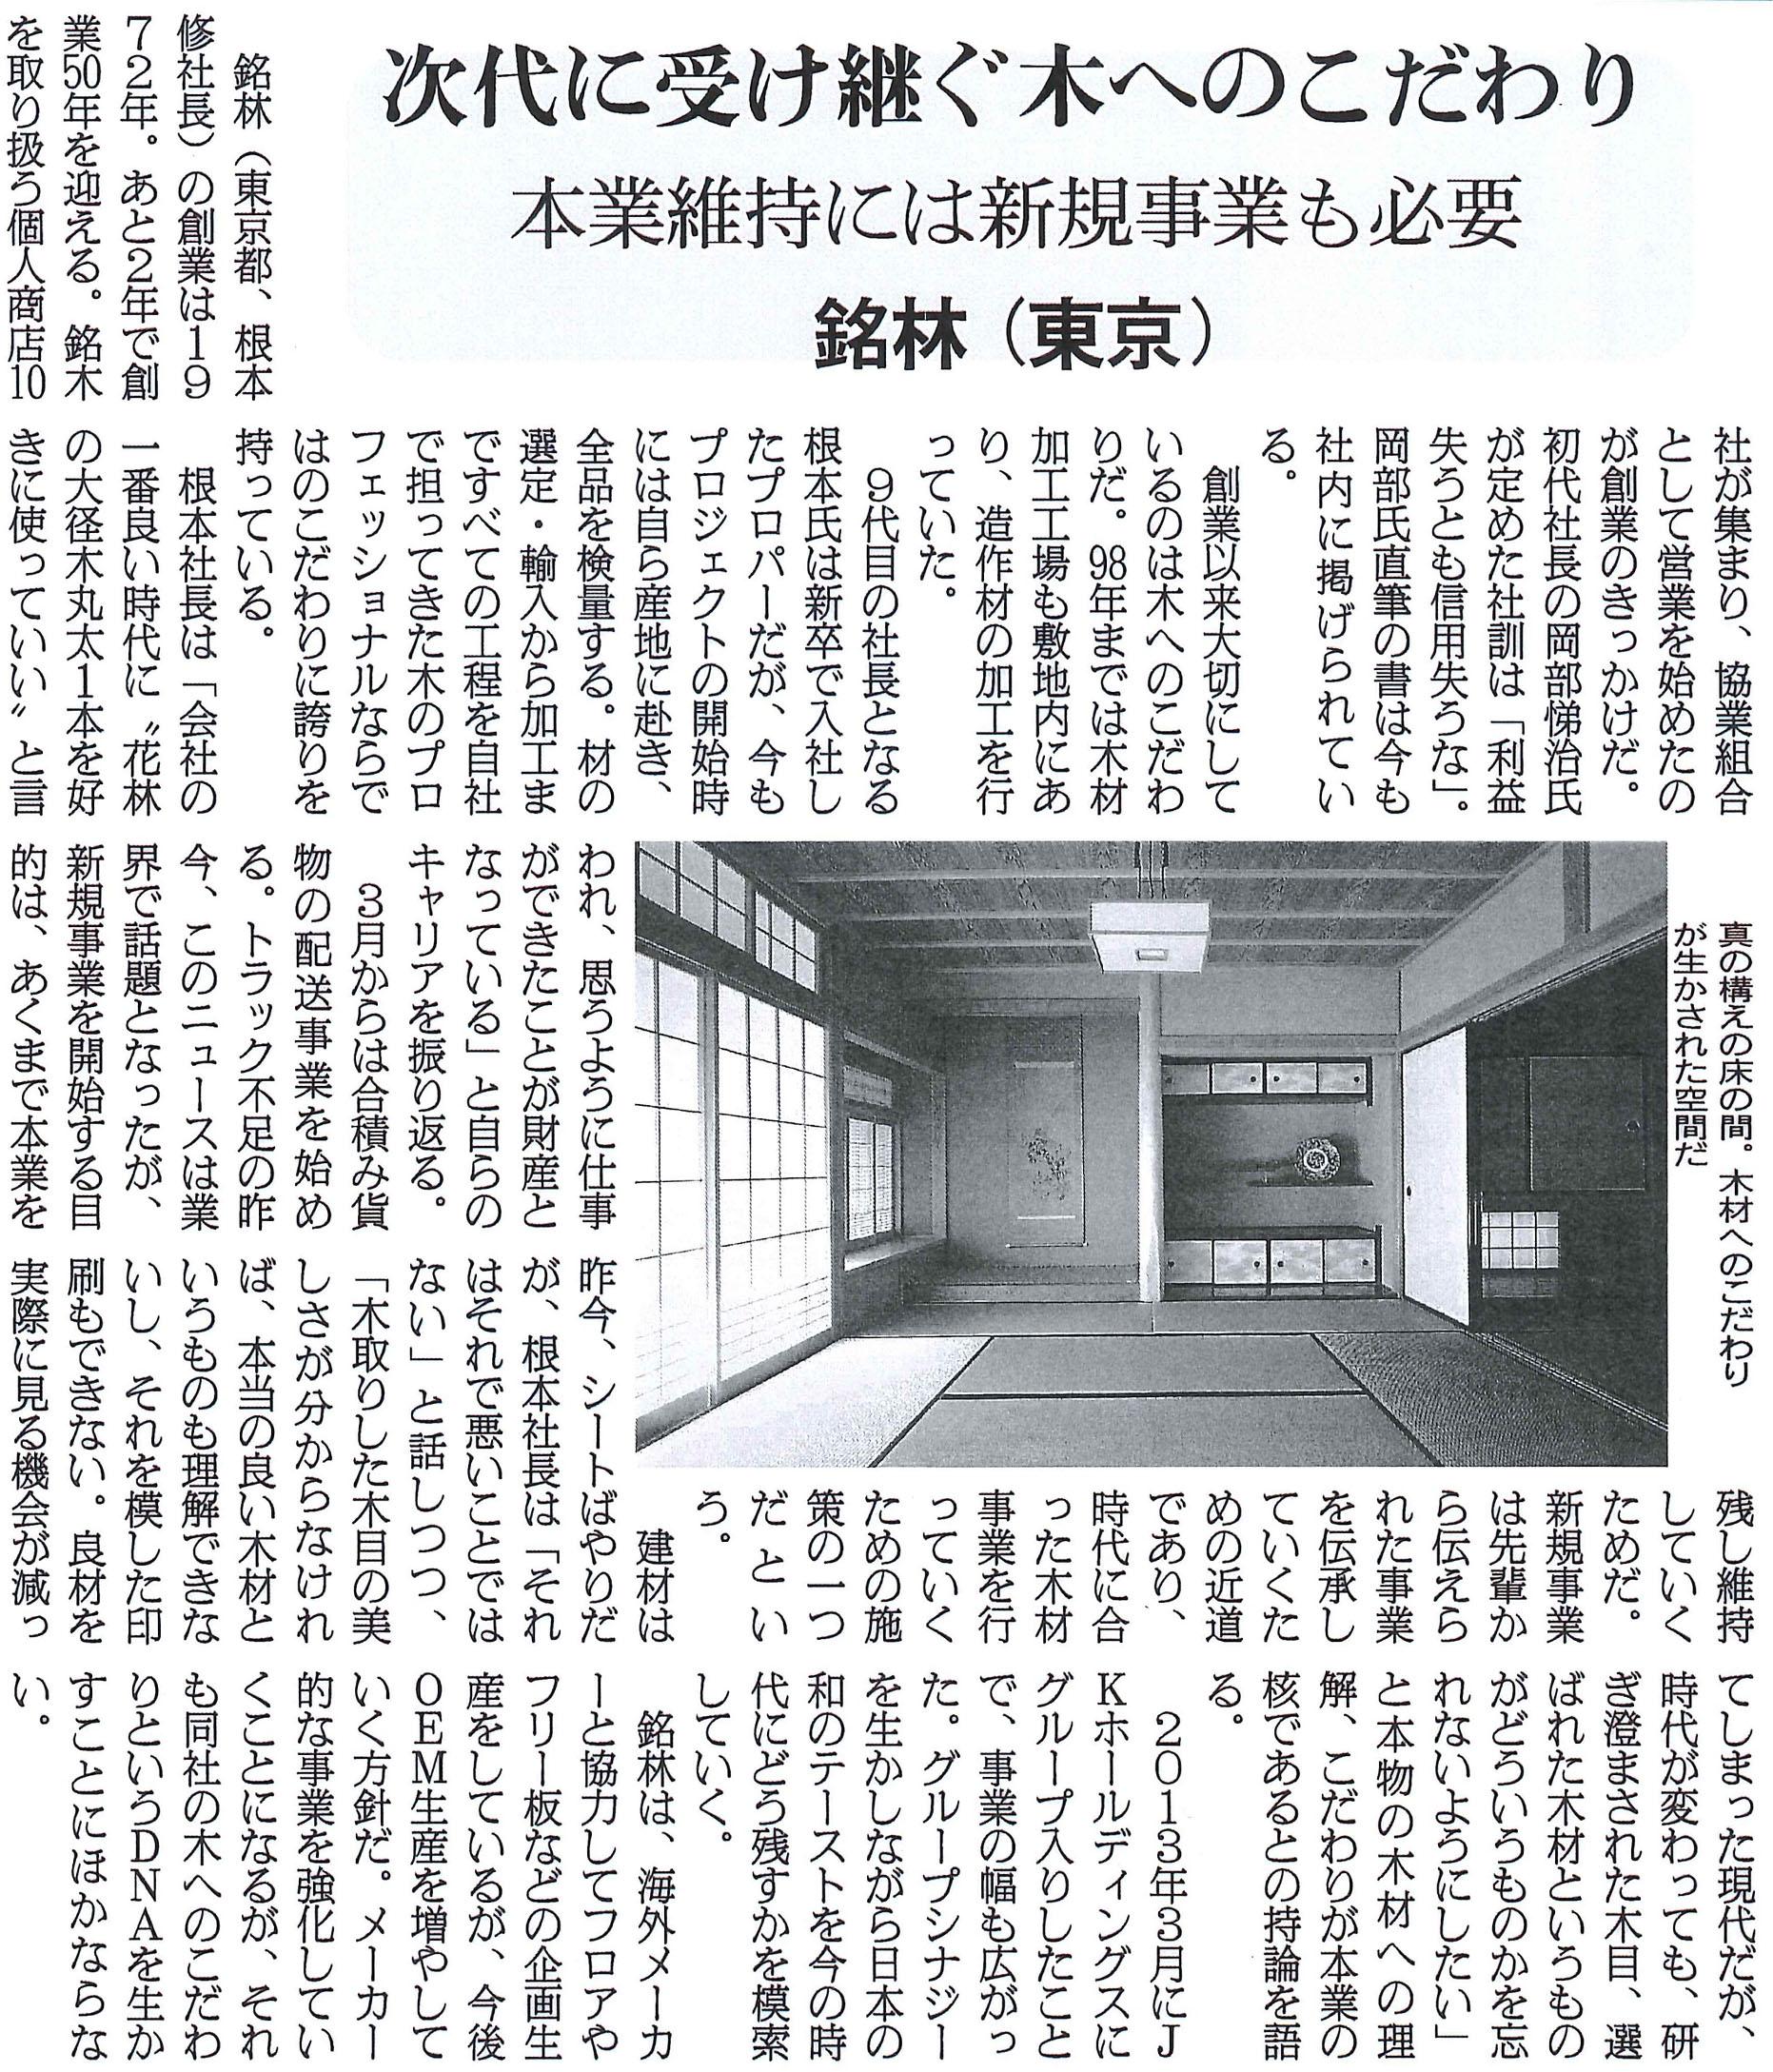 2020年1月8日付 日刊木材新聞